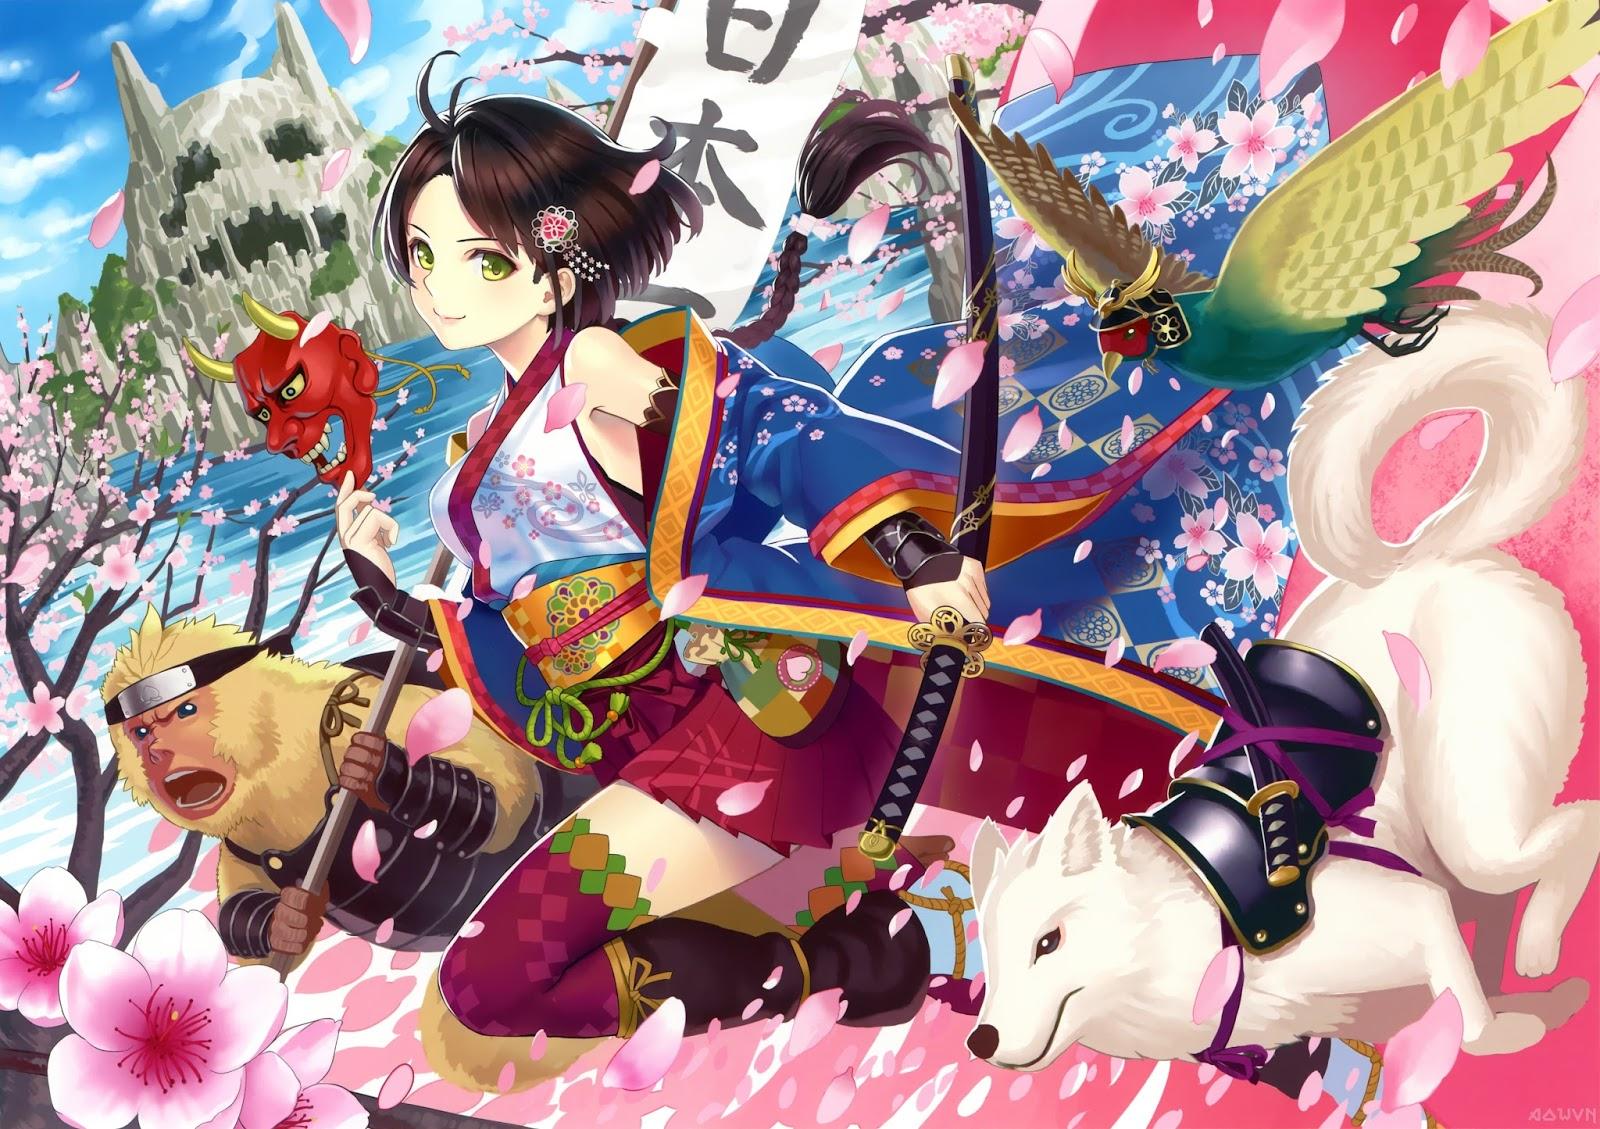 102 AowVN.org m - [ Hình Nền ] Anime cho điện thoại cực đẹp , cực độc | Wallpaper